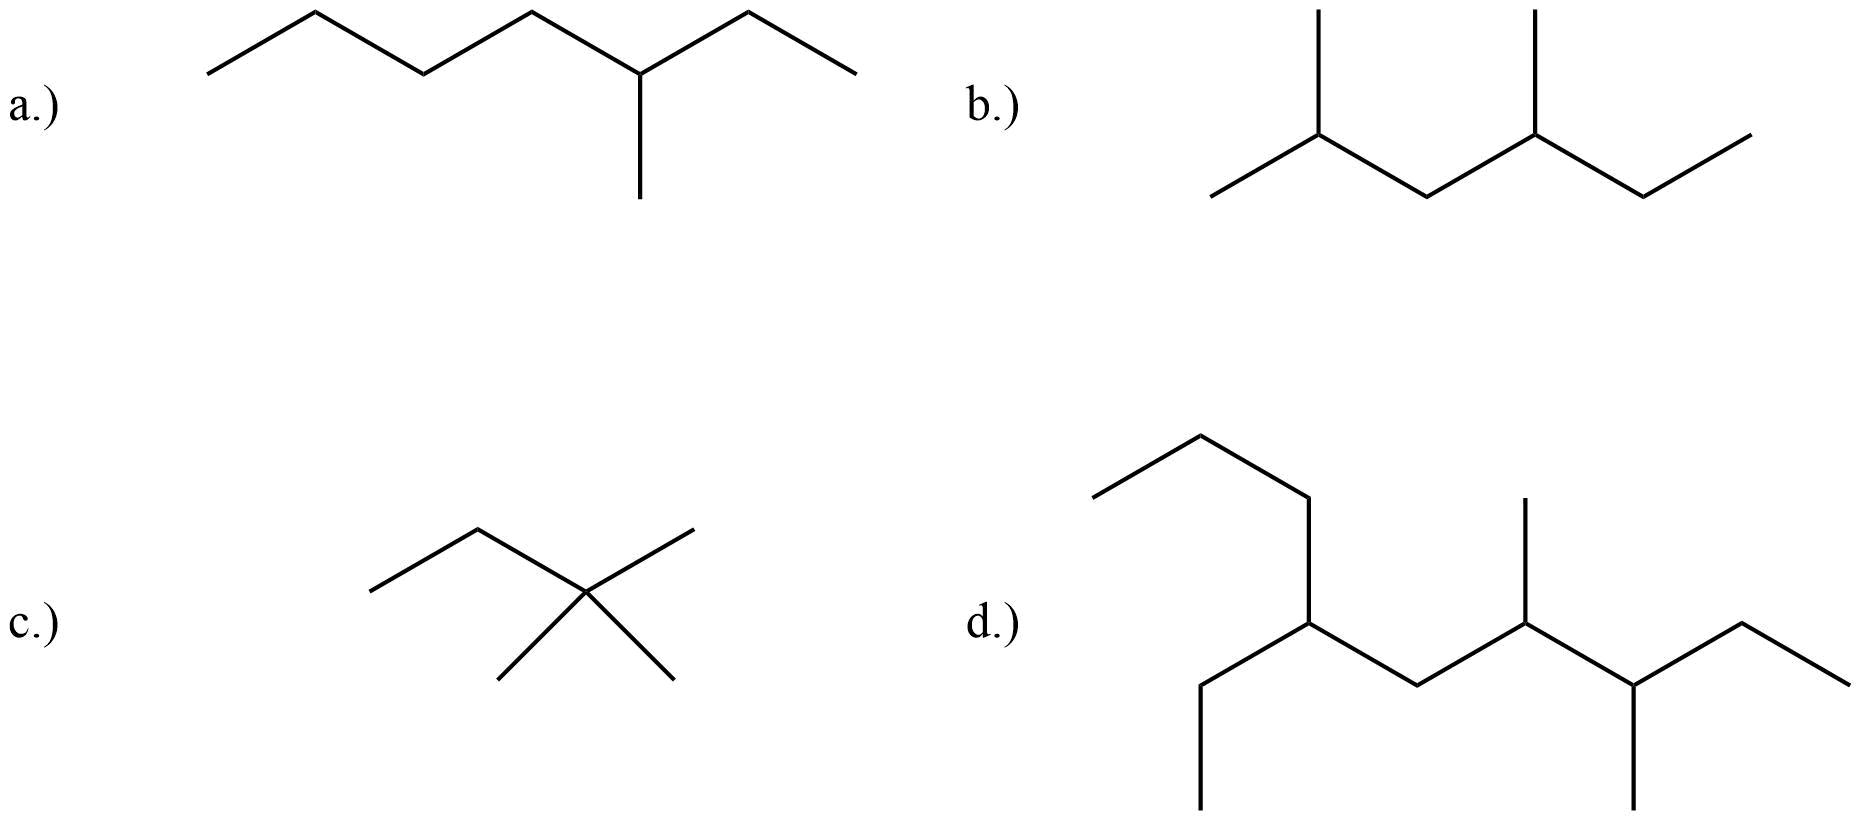 bung-zur-Nomenklatur-der-Alkane-I Nomenklatur der Alkane